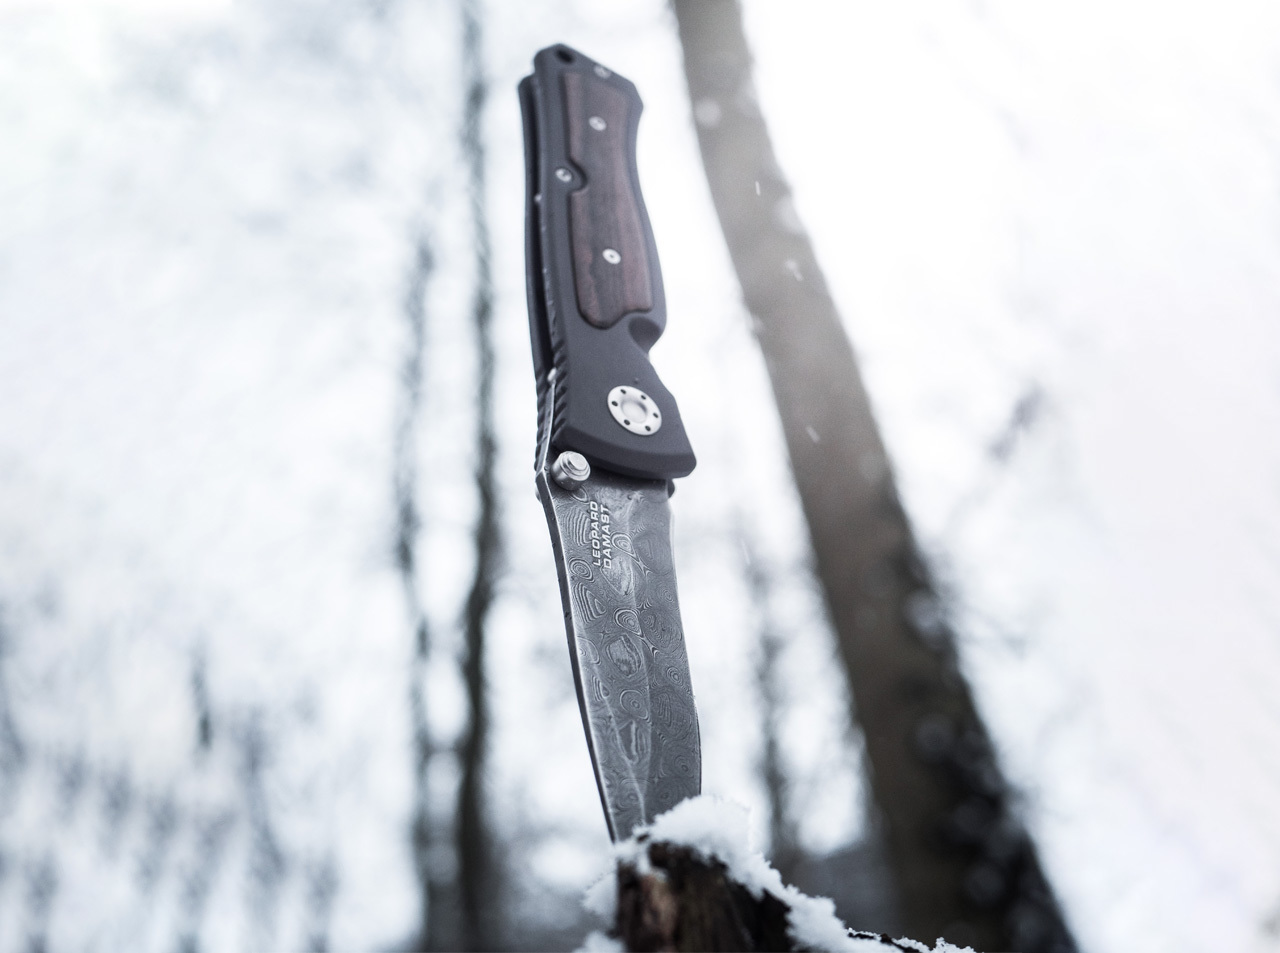 Фото 12 - Нож складной Leopard Damascus II - Boker 111054DAM, дамасская сталь Plain, рукоять анодированный алюминий/дерево, коричневый